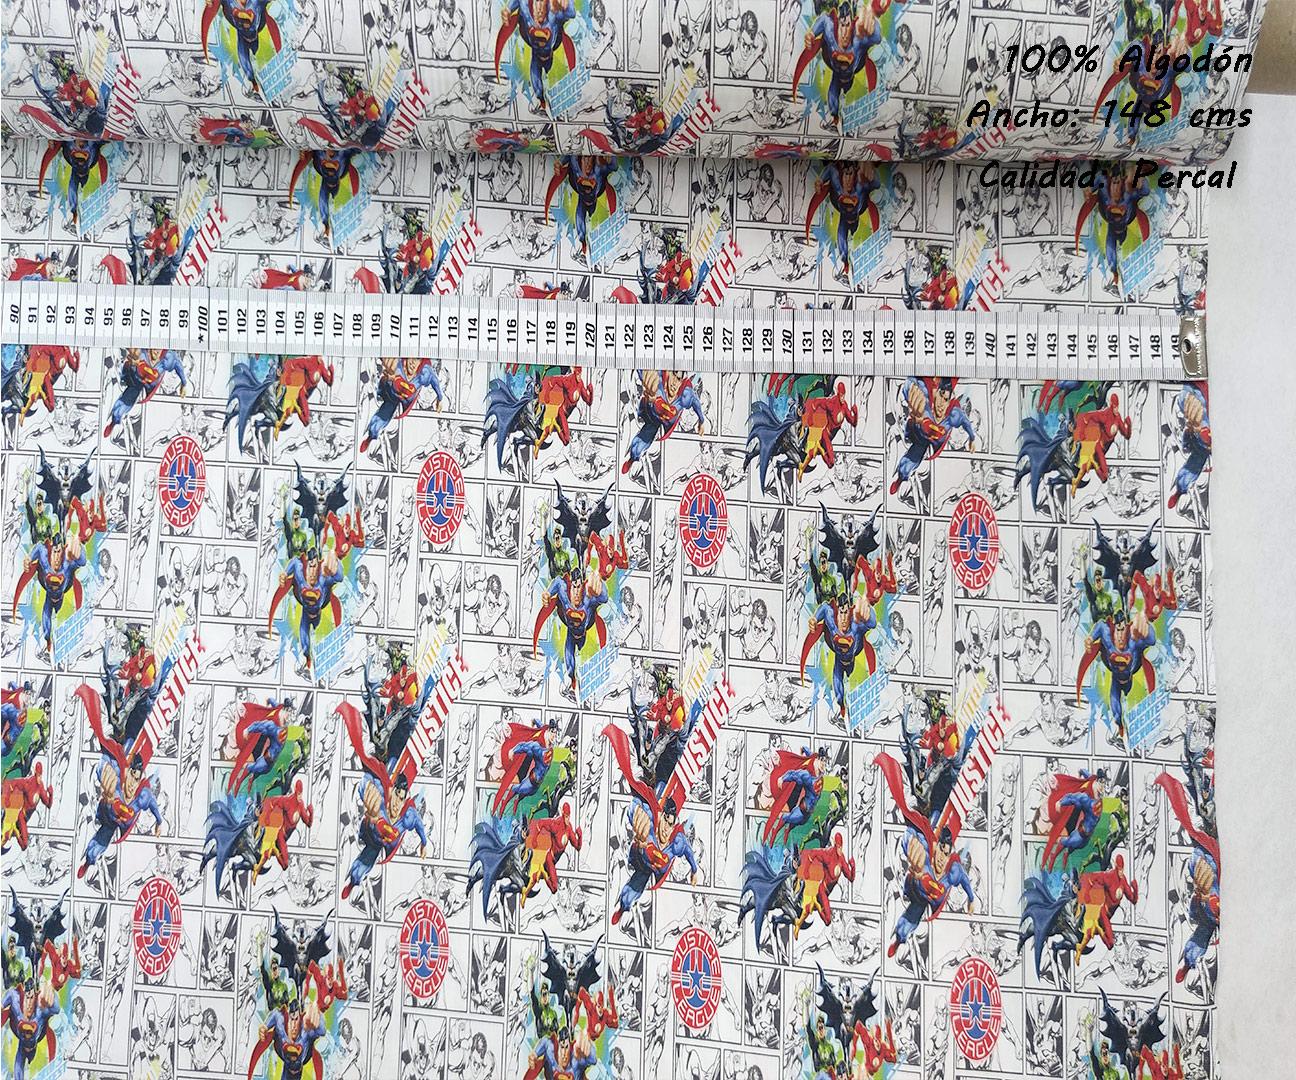 L35-liga-justicia-comic-blanco-negro-superheroes-americano-tejidos-algodón-estampado-percal,estampados originales con licencia,Tejido Estampado Liga de la Justicia Comic Blanco y Negro